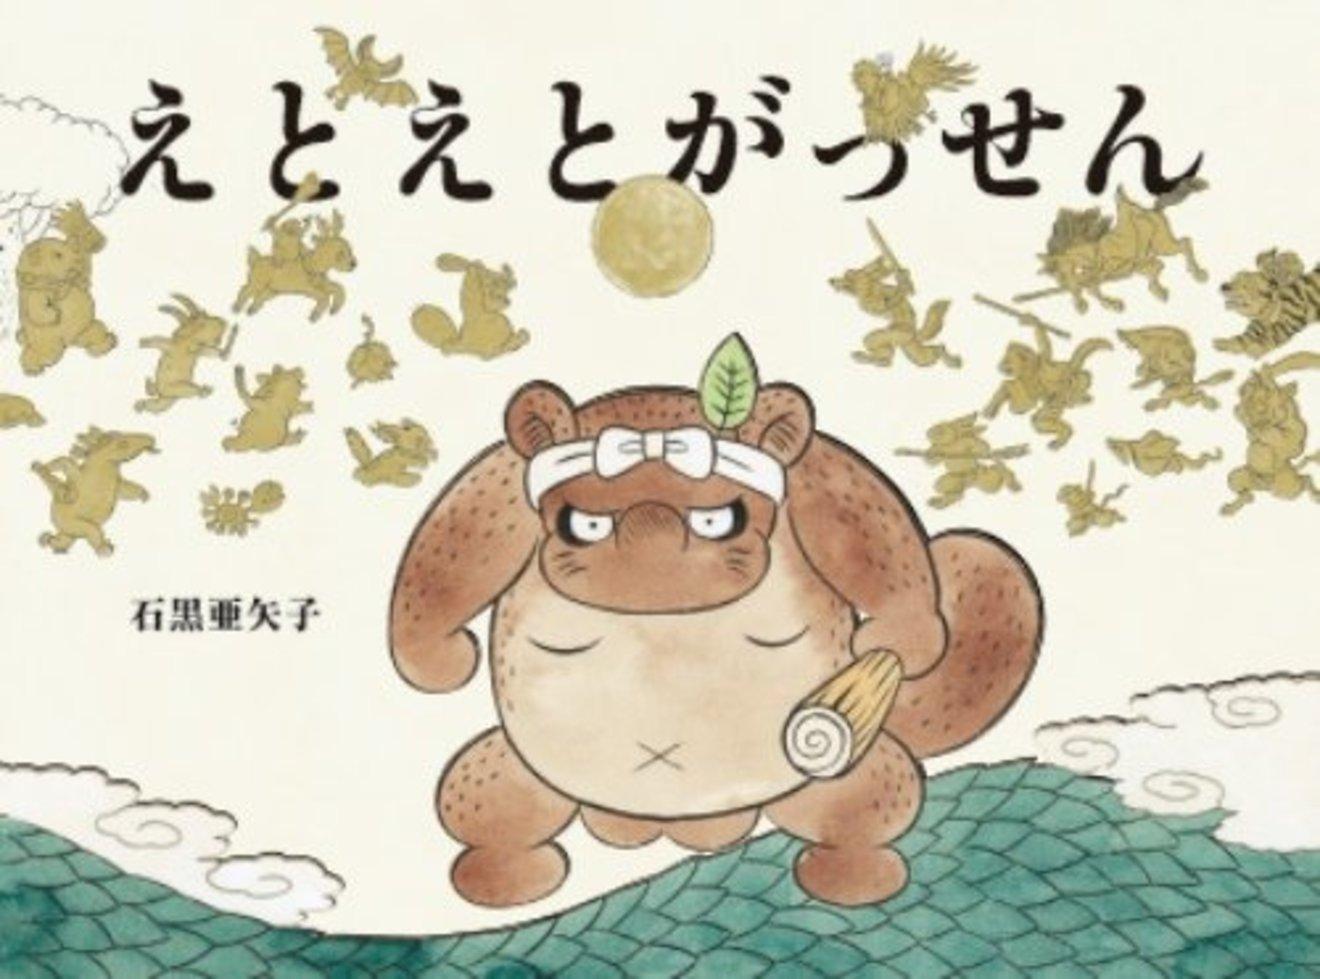 石黒亜矢子が描く妖怪が凄まじい魅力を放つ!おすすめの絵本5選